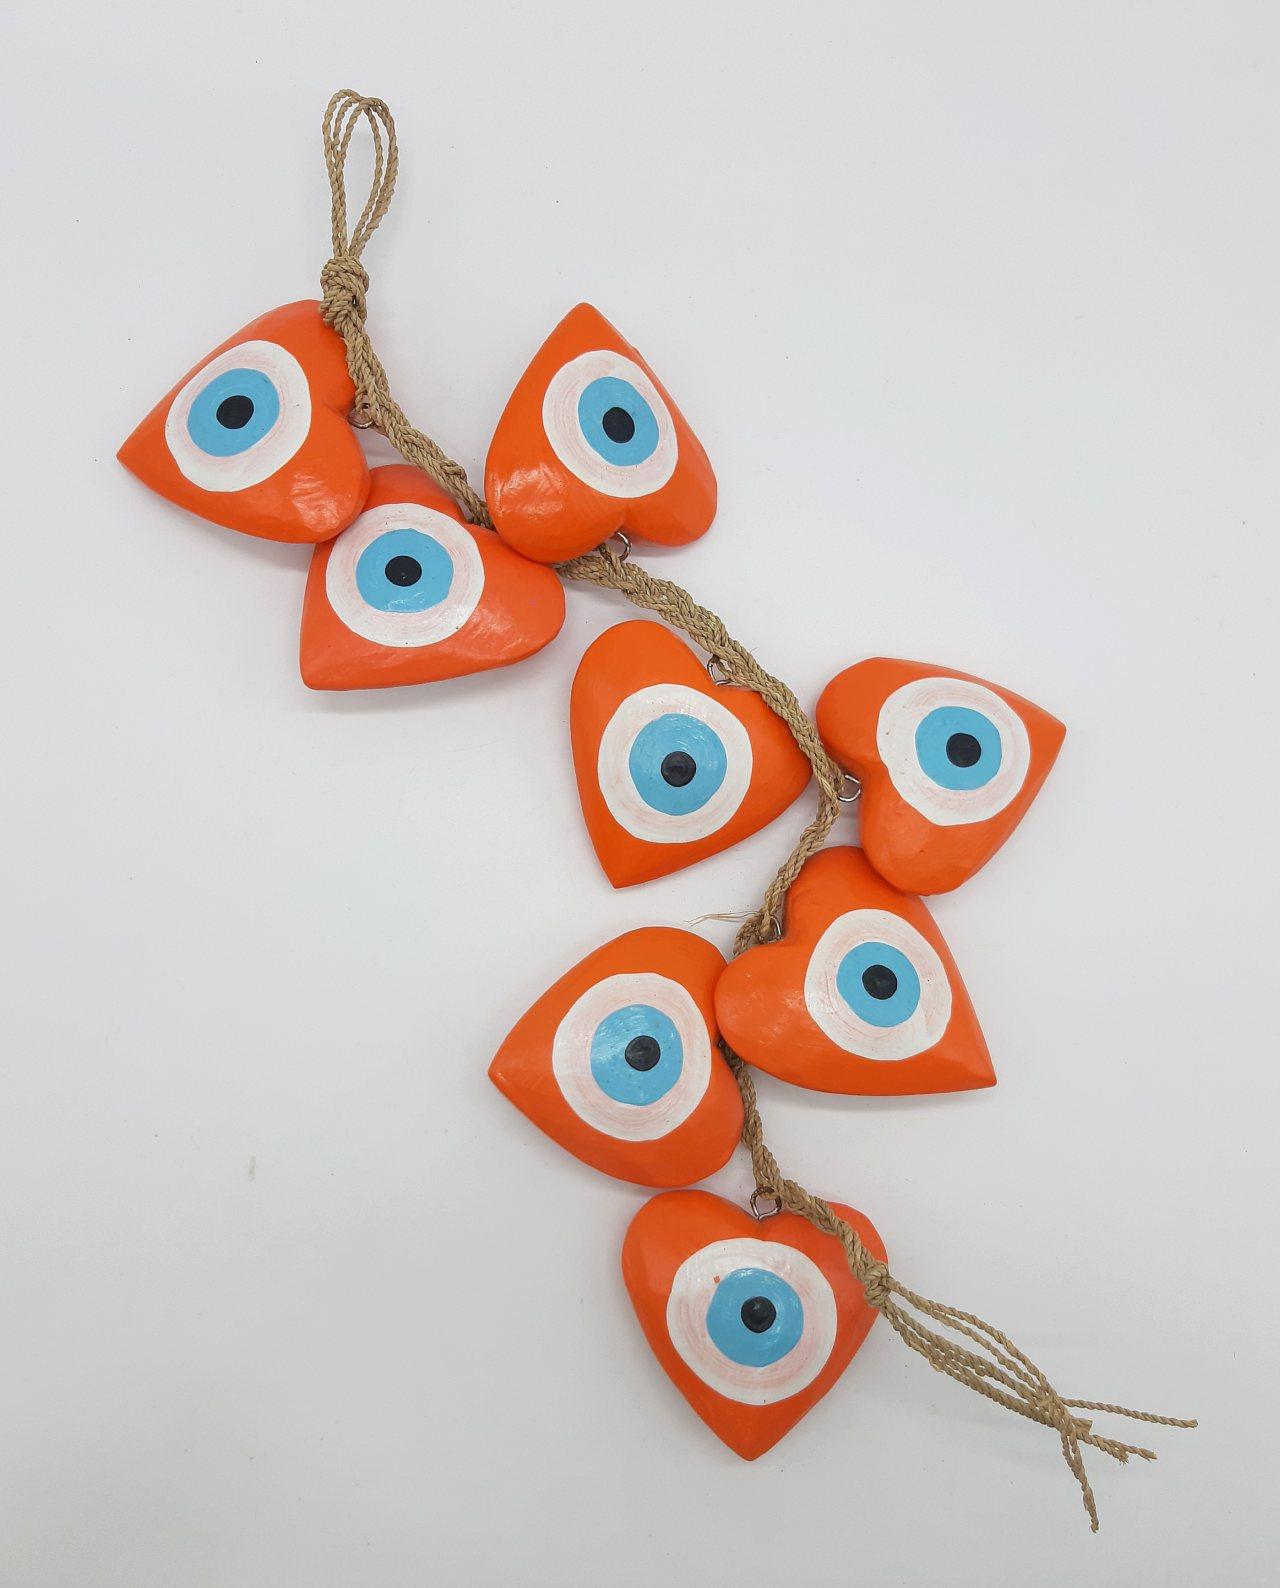 Γιρλάντα 8 καρδιές ματάκι χειροποίητες ξύλινες, μήκος 50 cm χρώμα πορτοκαλί